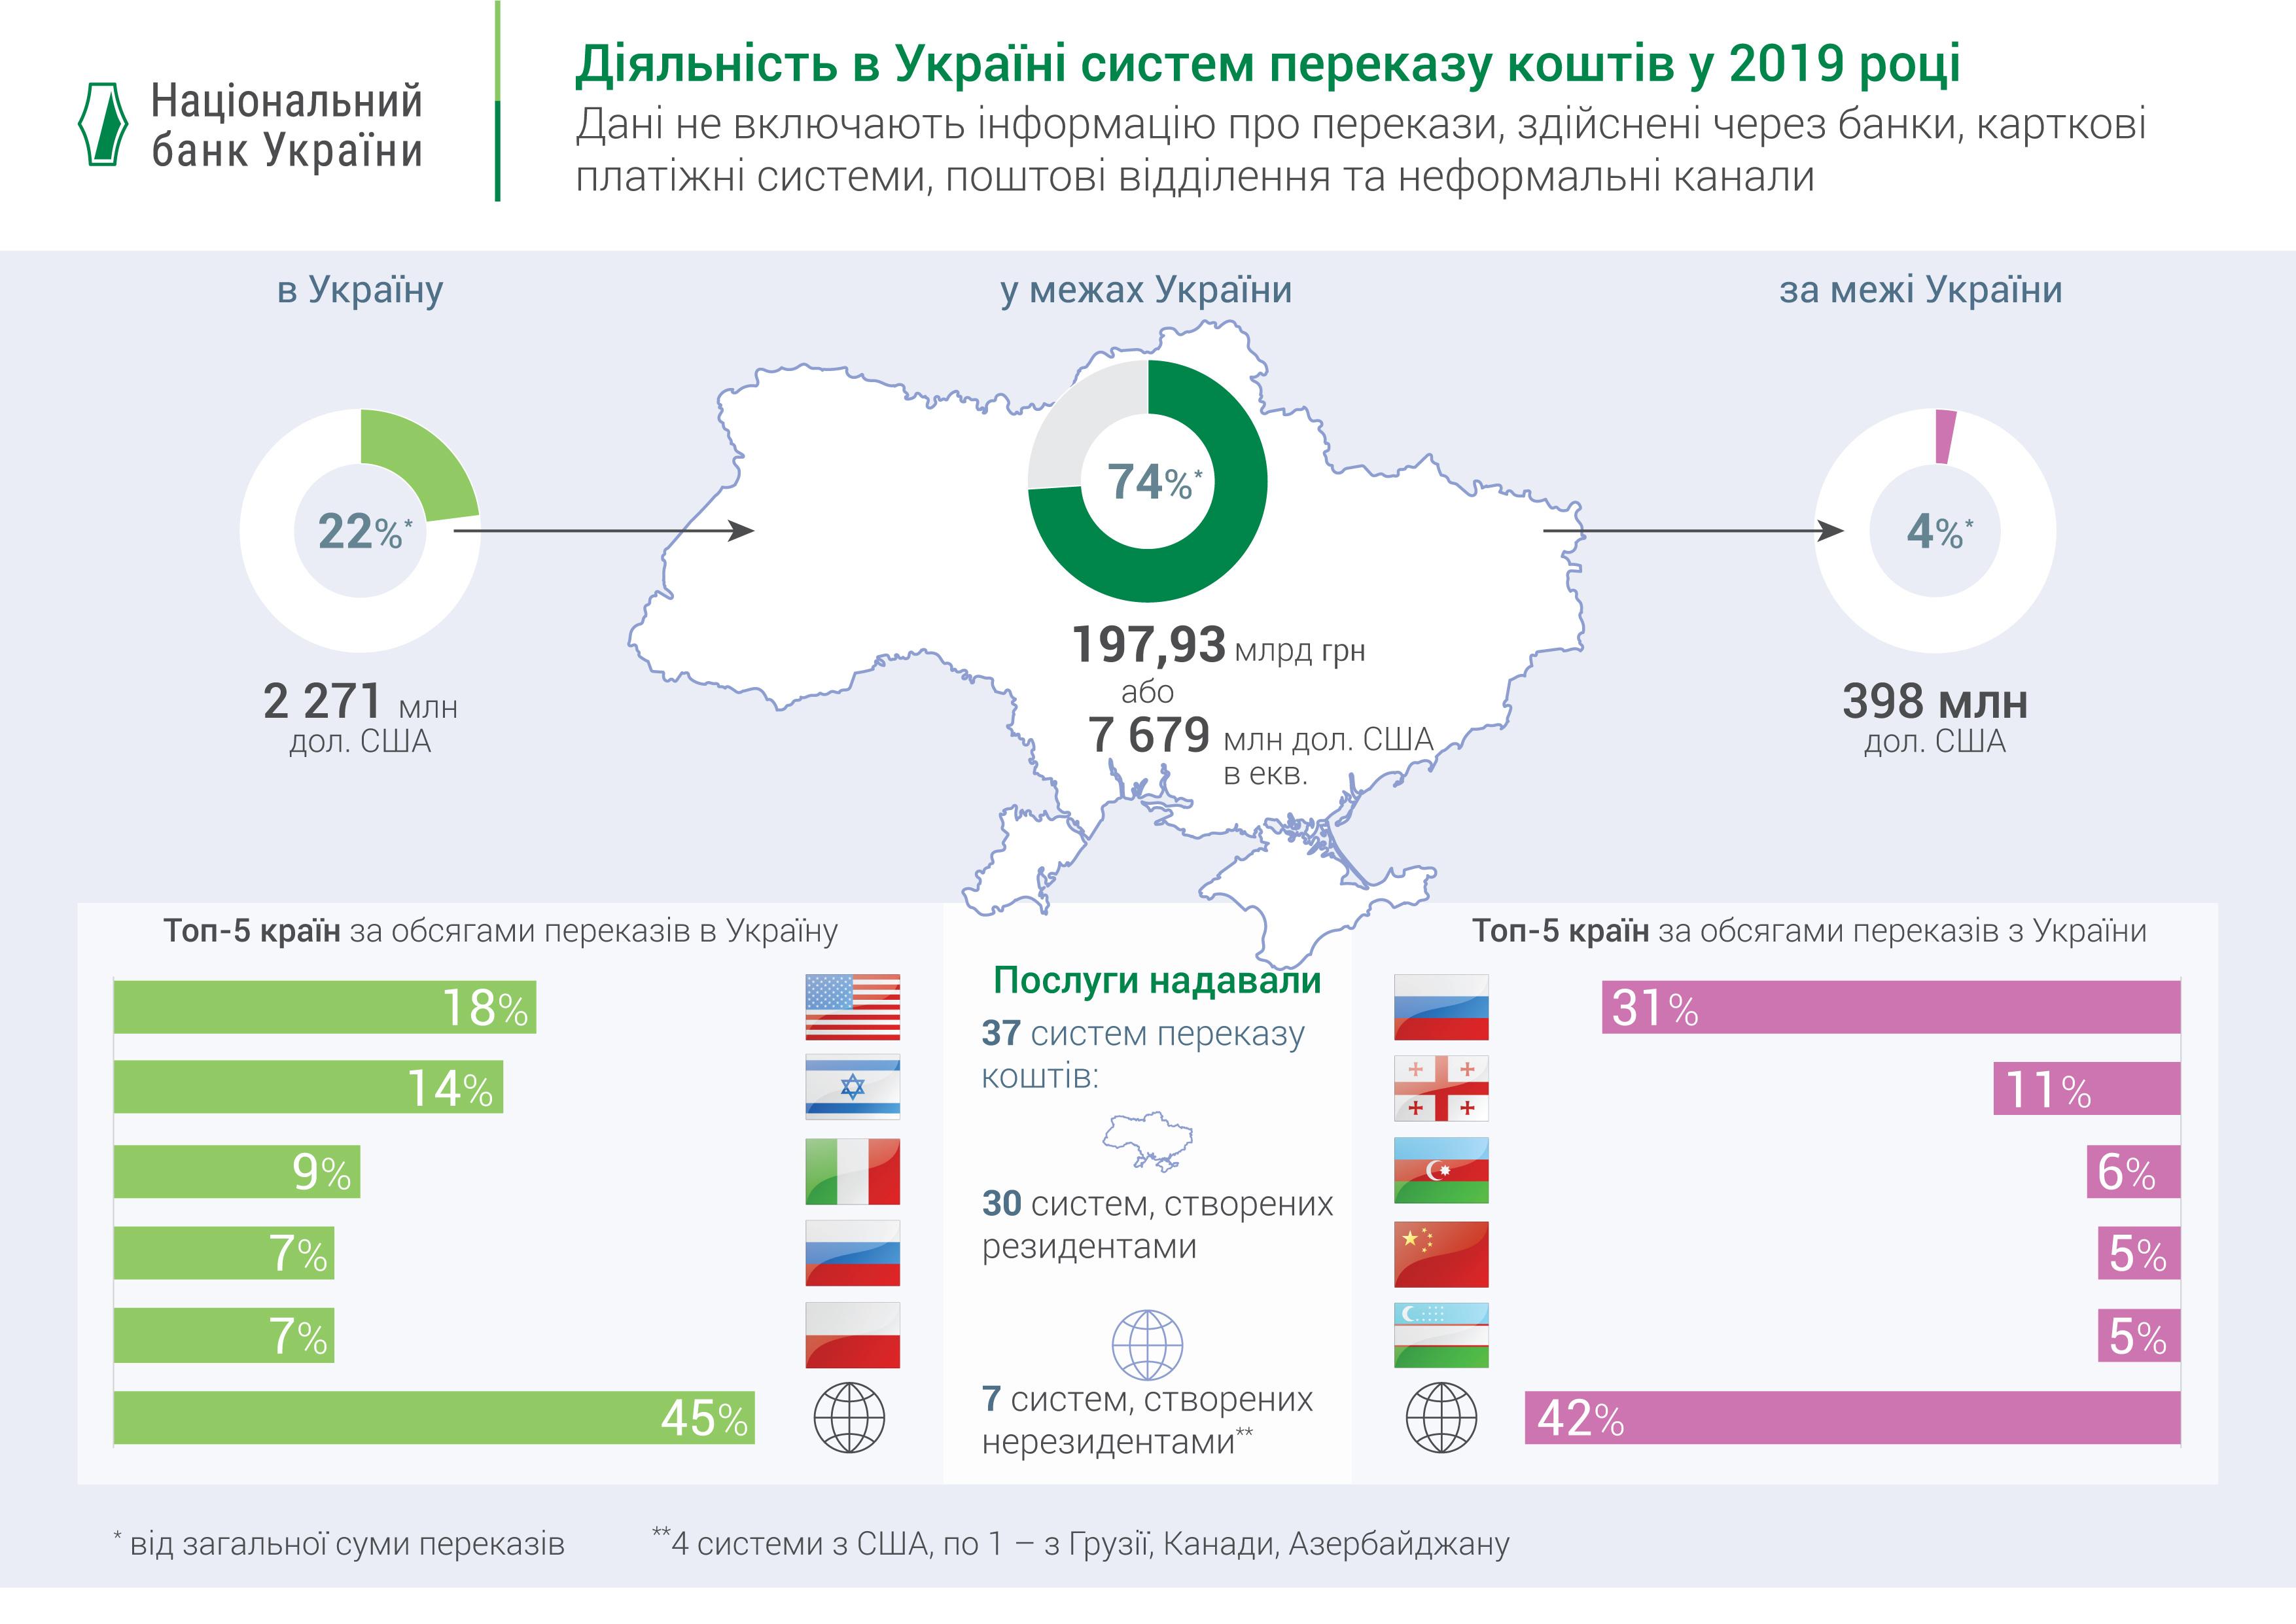 НБУ назвав ТОП-5 країн щодо грошових переказів в Україну